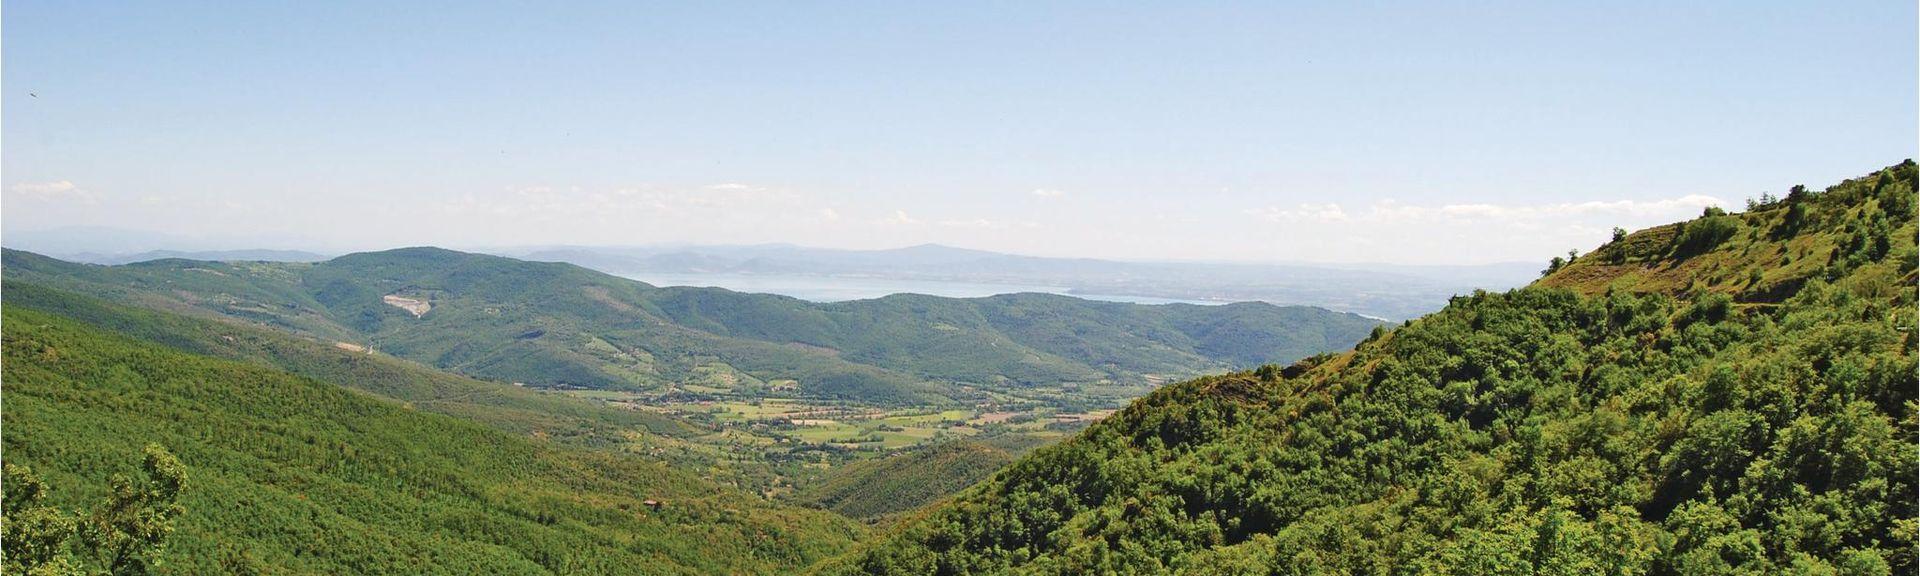 Umbertide, Umbria, Italia